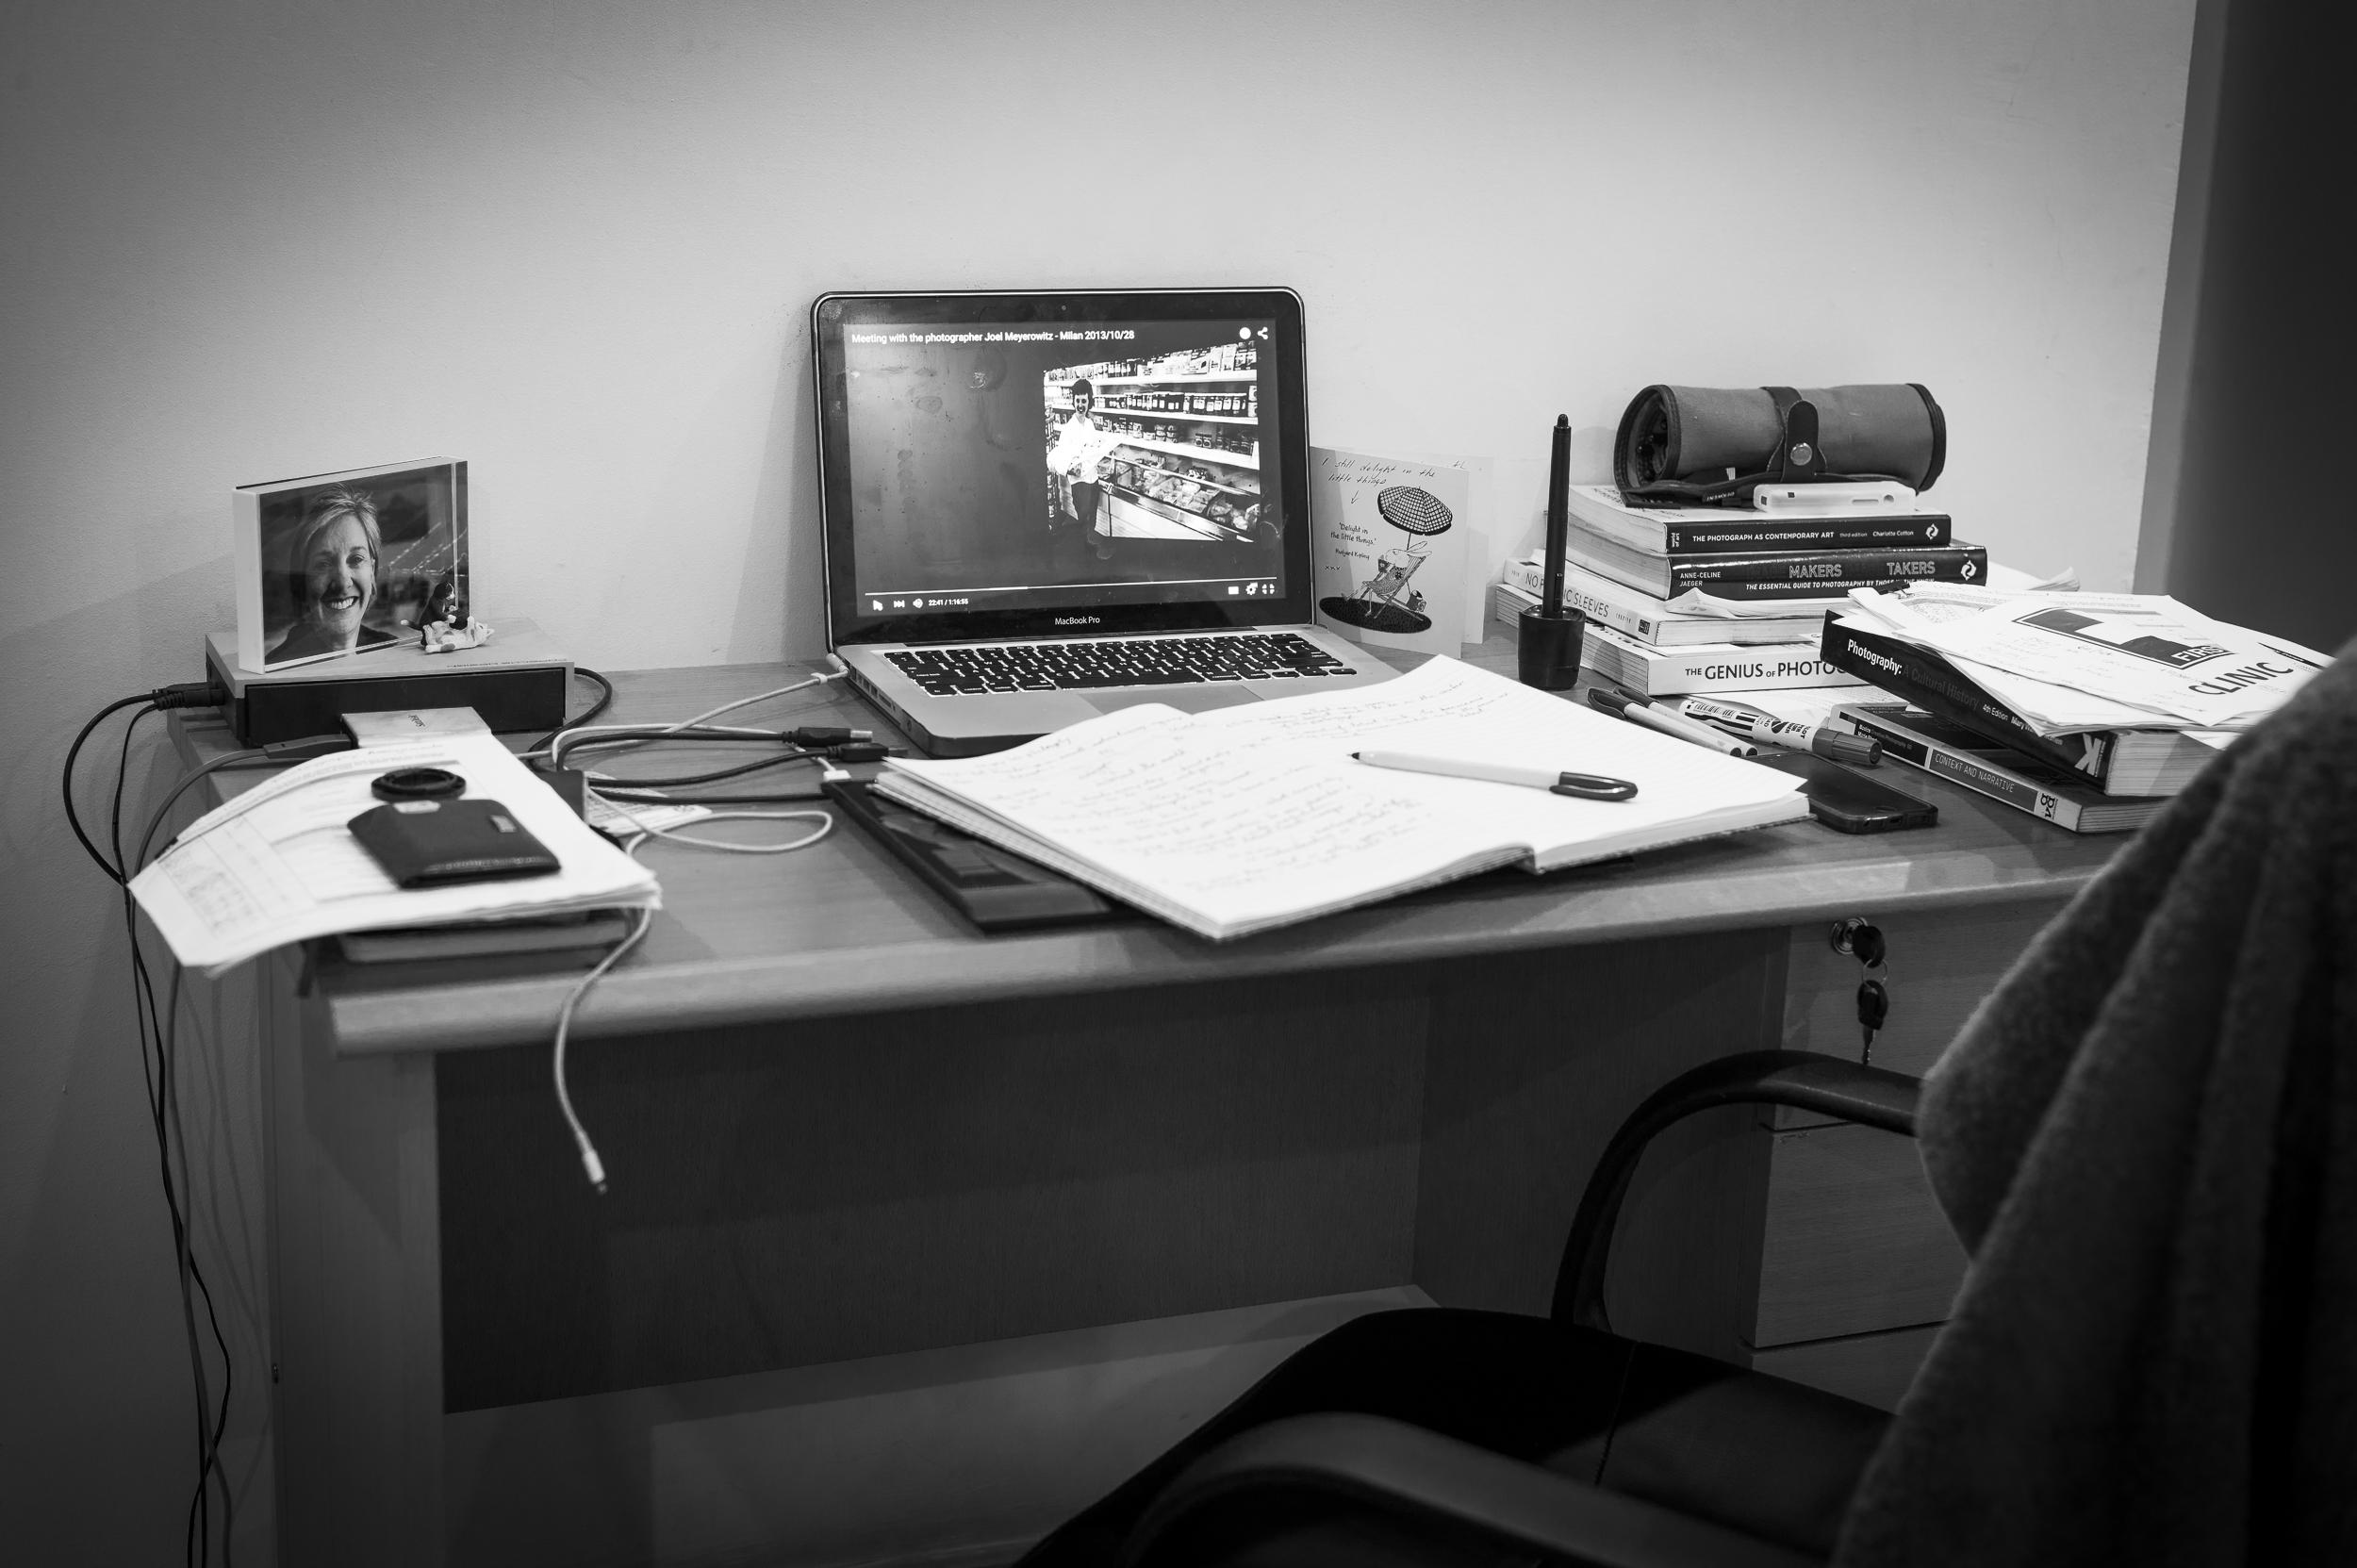 Study Desk, Kuwait 2015